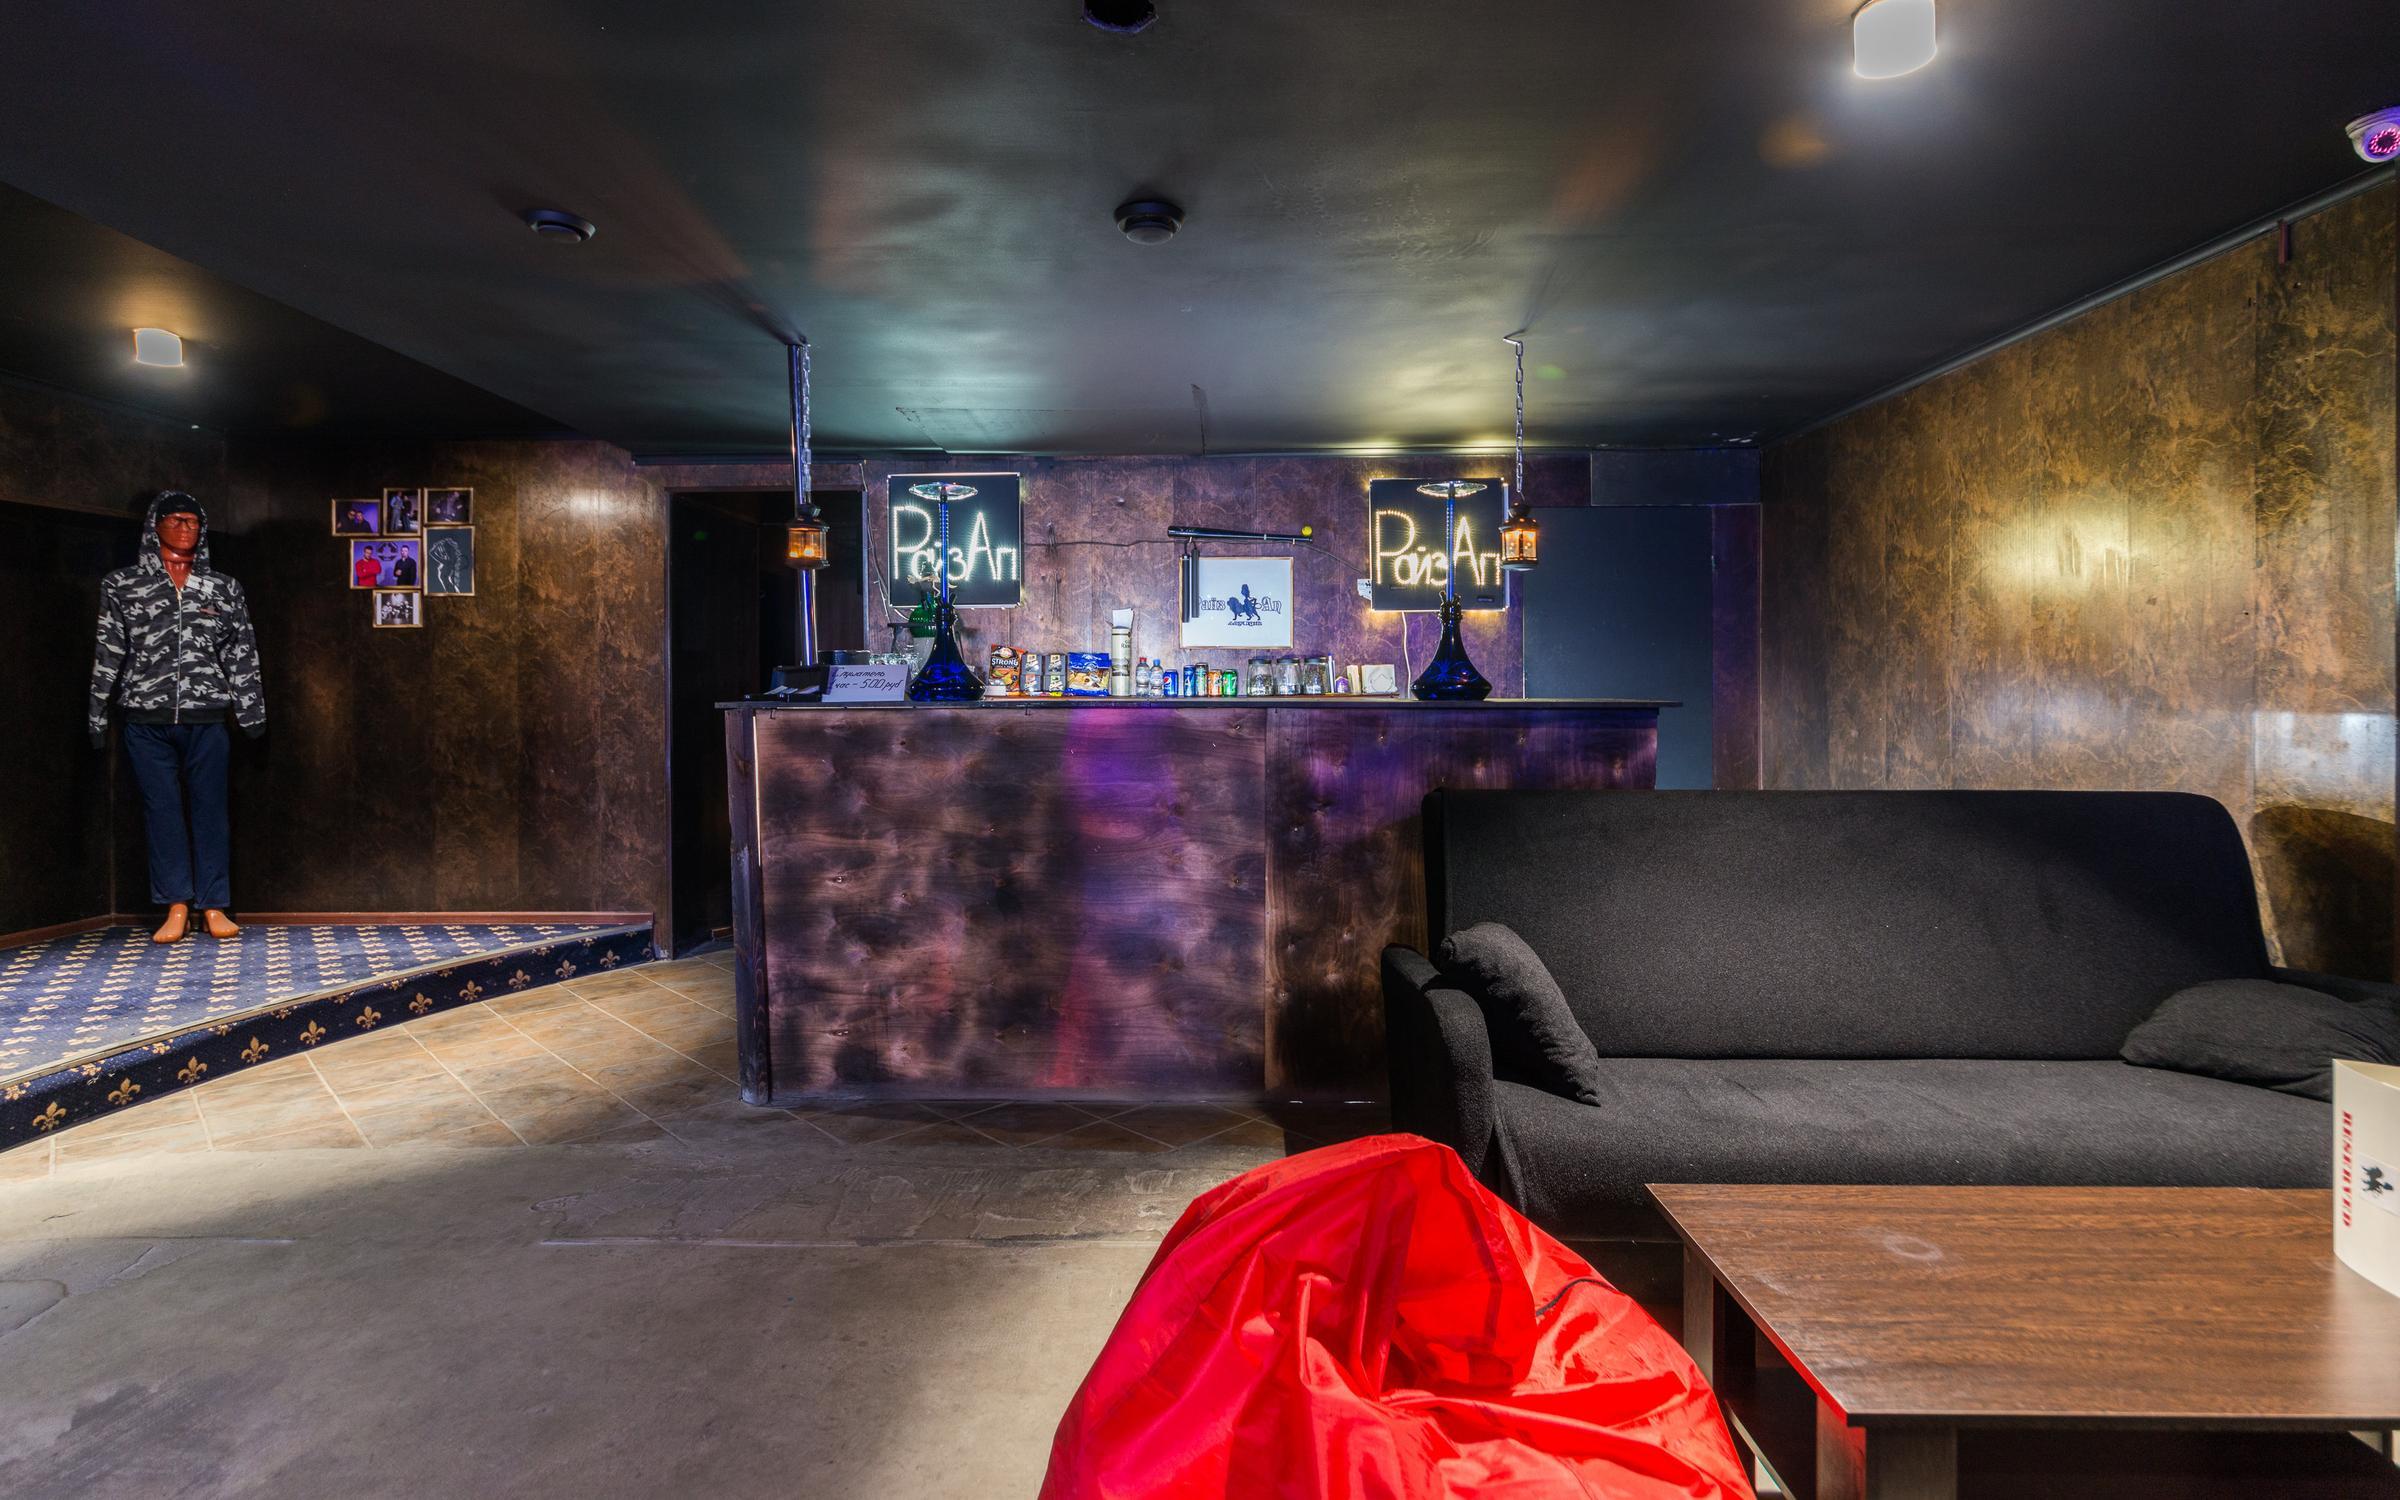 фотография Кальянной РайзАп_lounge на Дмитровском шоссе, 7 к 2